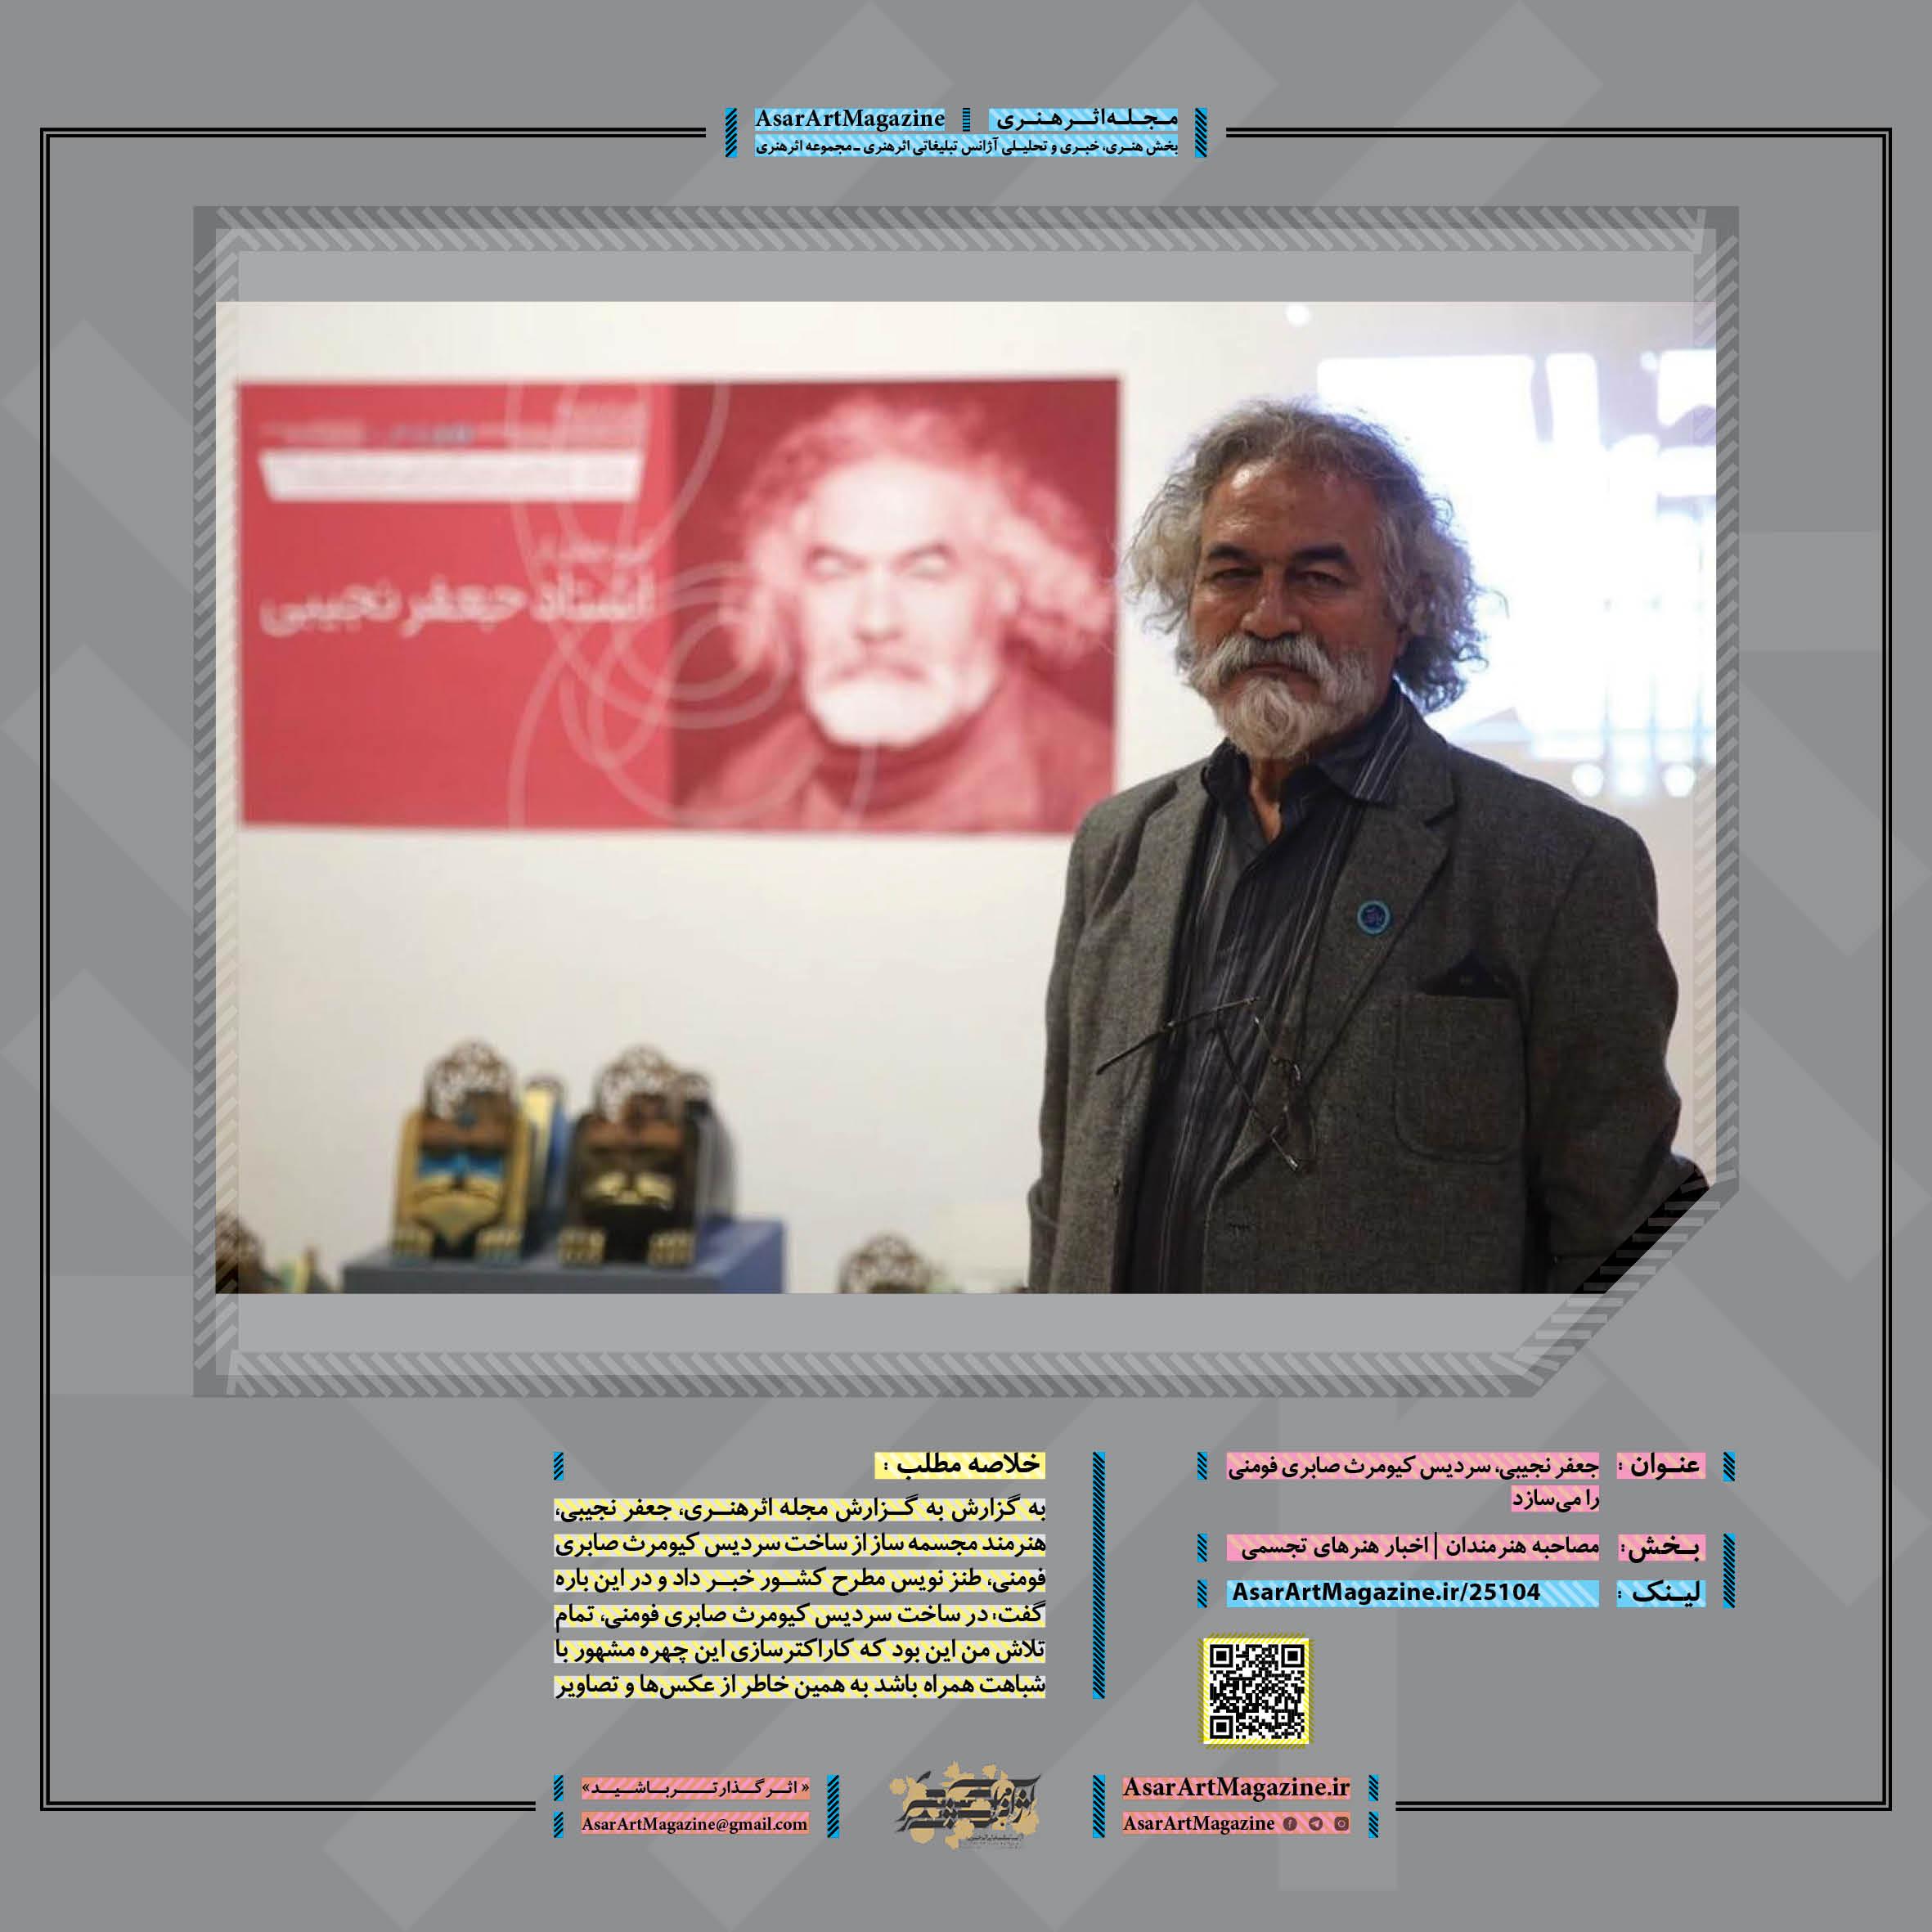 جعفر نجیبی، سردیس کیومرث صابری فومنی را میسازد  مجله اثرهنری ـ اثر هنری